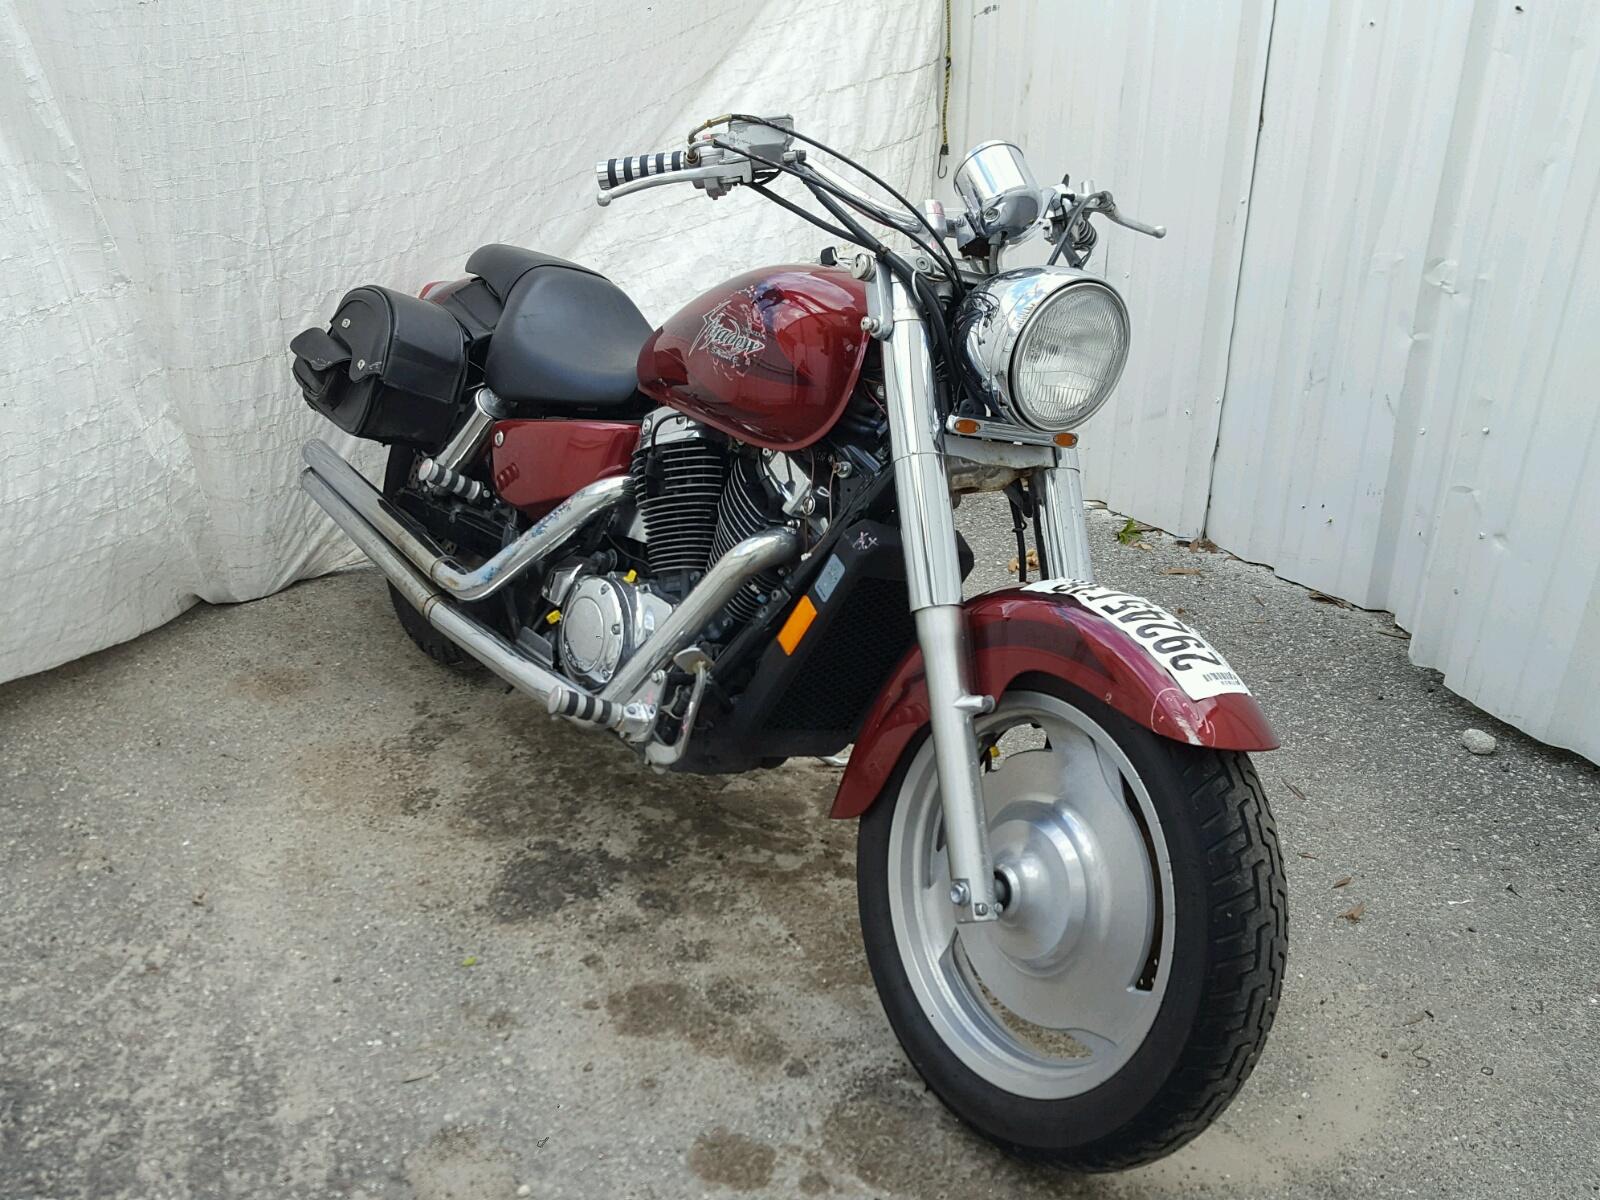 2000 HONDA VT1100 C2 2